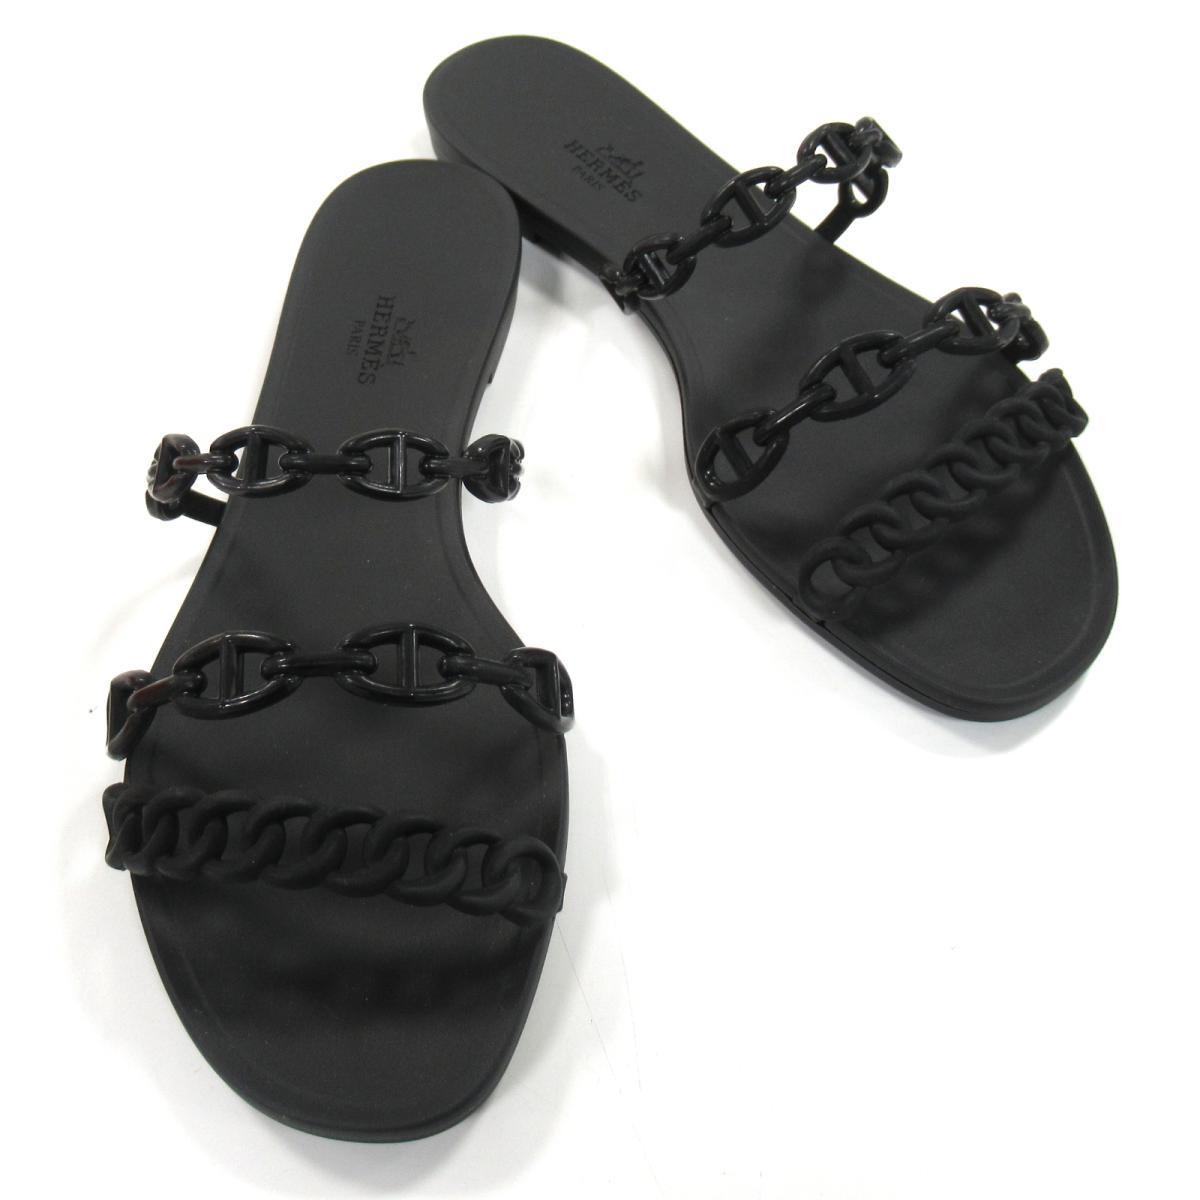 【中古】エルメス シェーヌダンクル サンダル 靴 レディース ラバー ブラック | HERMES BRANDOFF ブランドオフ ブランド シューズ クツ